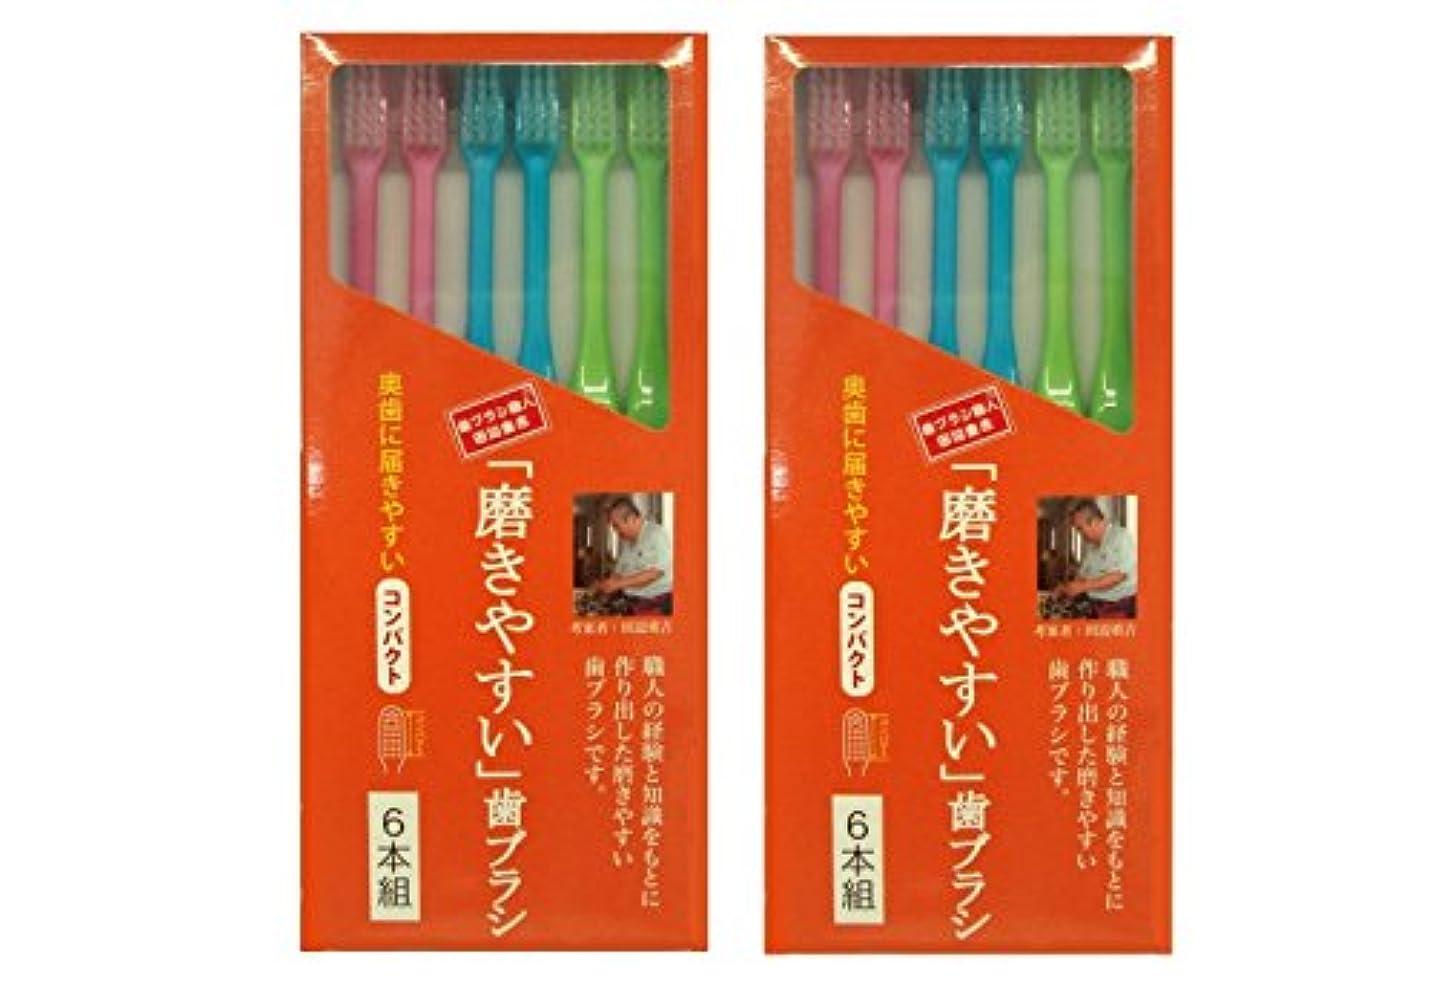 増幅タイプ汚れた磨きやすい歯ブラシ 6本組 コンパクトタイプ×2個セット